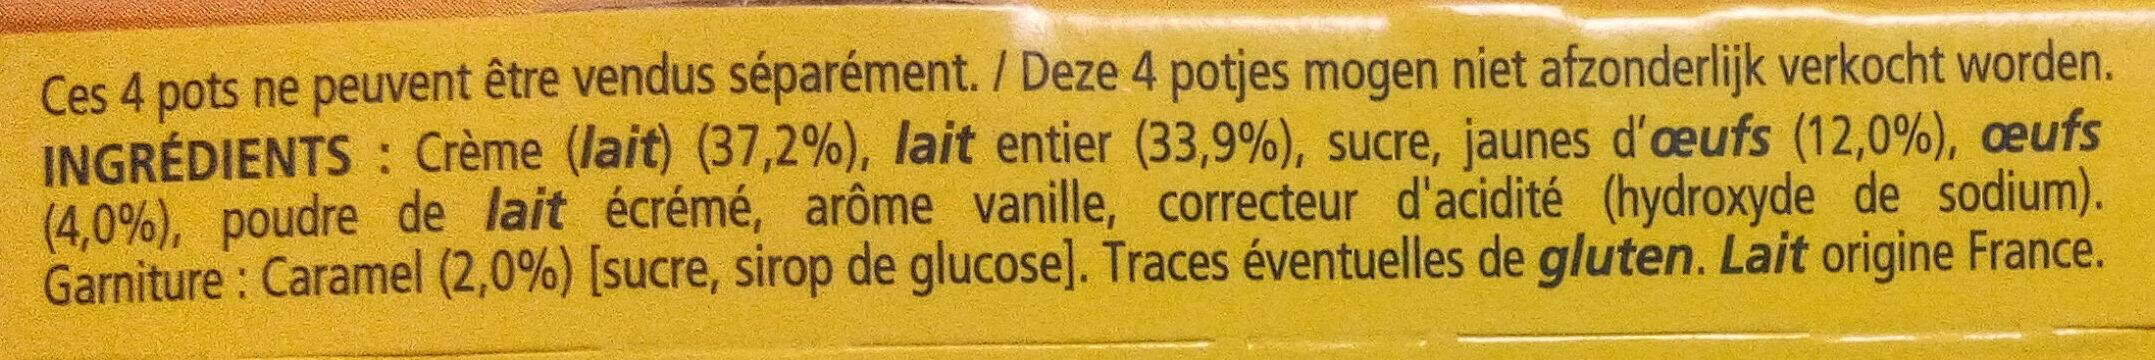 Crème brûlée - Ingrédients - fr